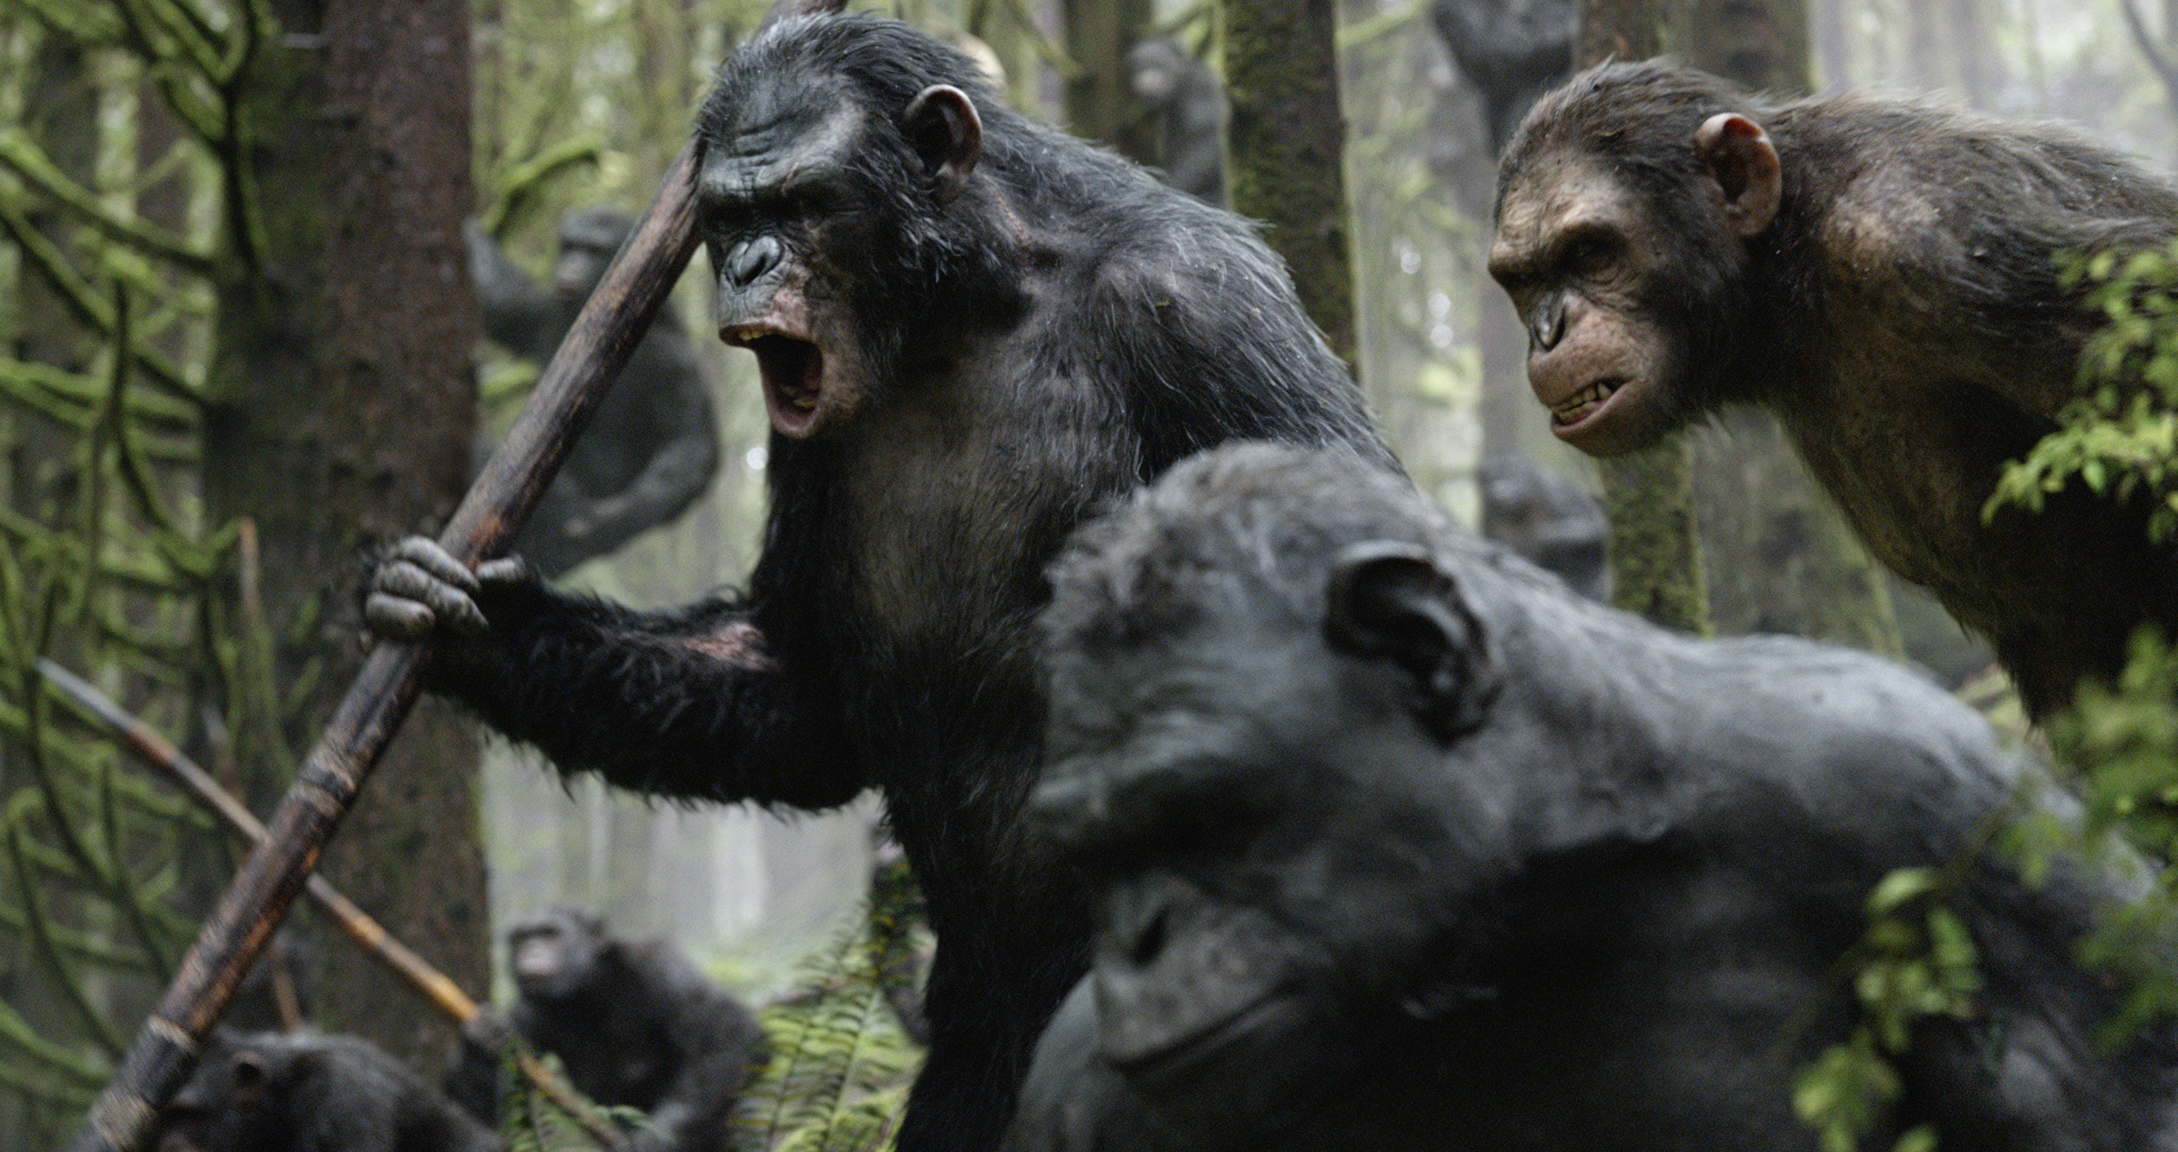 Scimmie in rivolta contro gli umani in Apes Revolution - Il pianeta delle scimmie